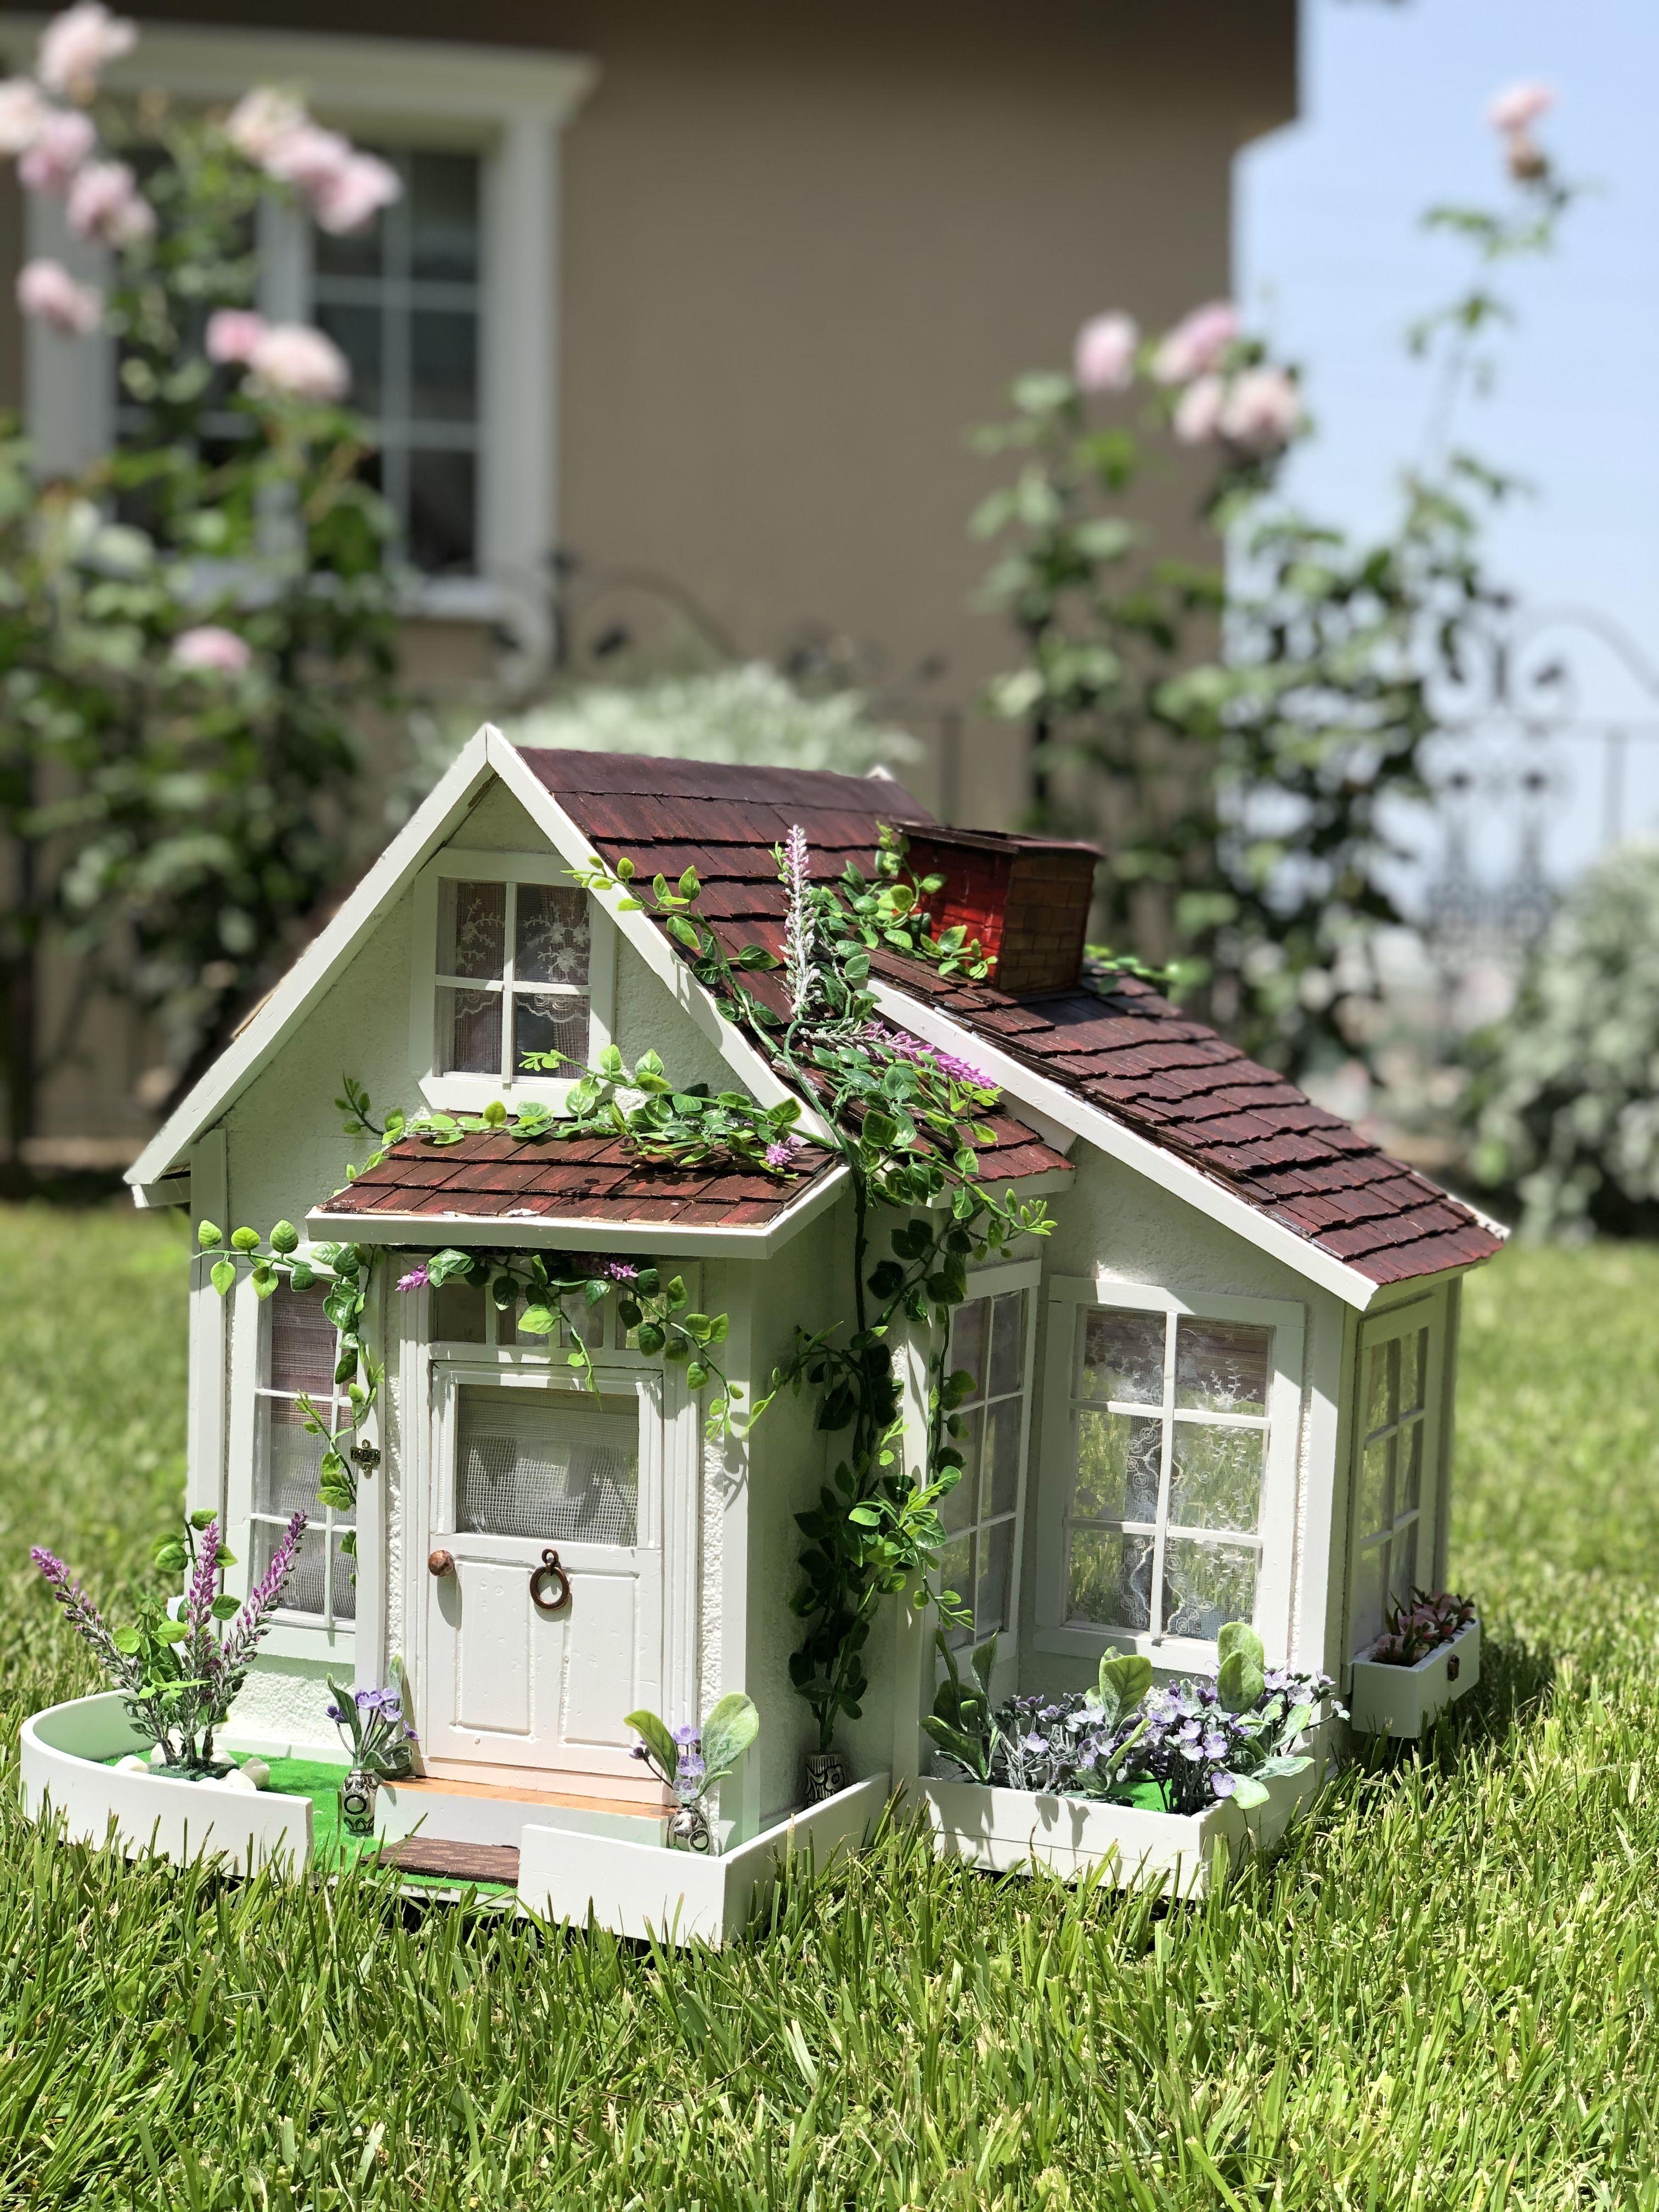 Beyhan Cifci Adlı Kullanıcının Minyatur Ev Yapimi